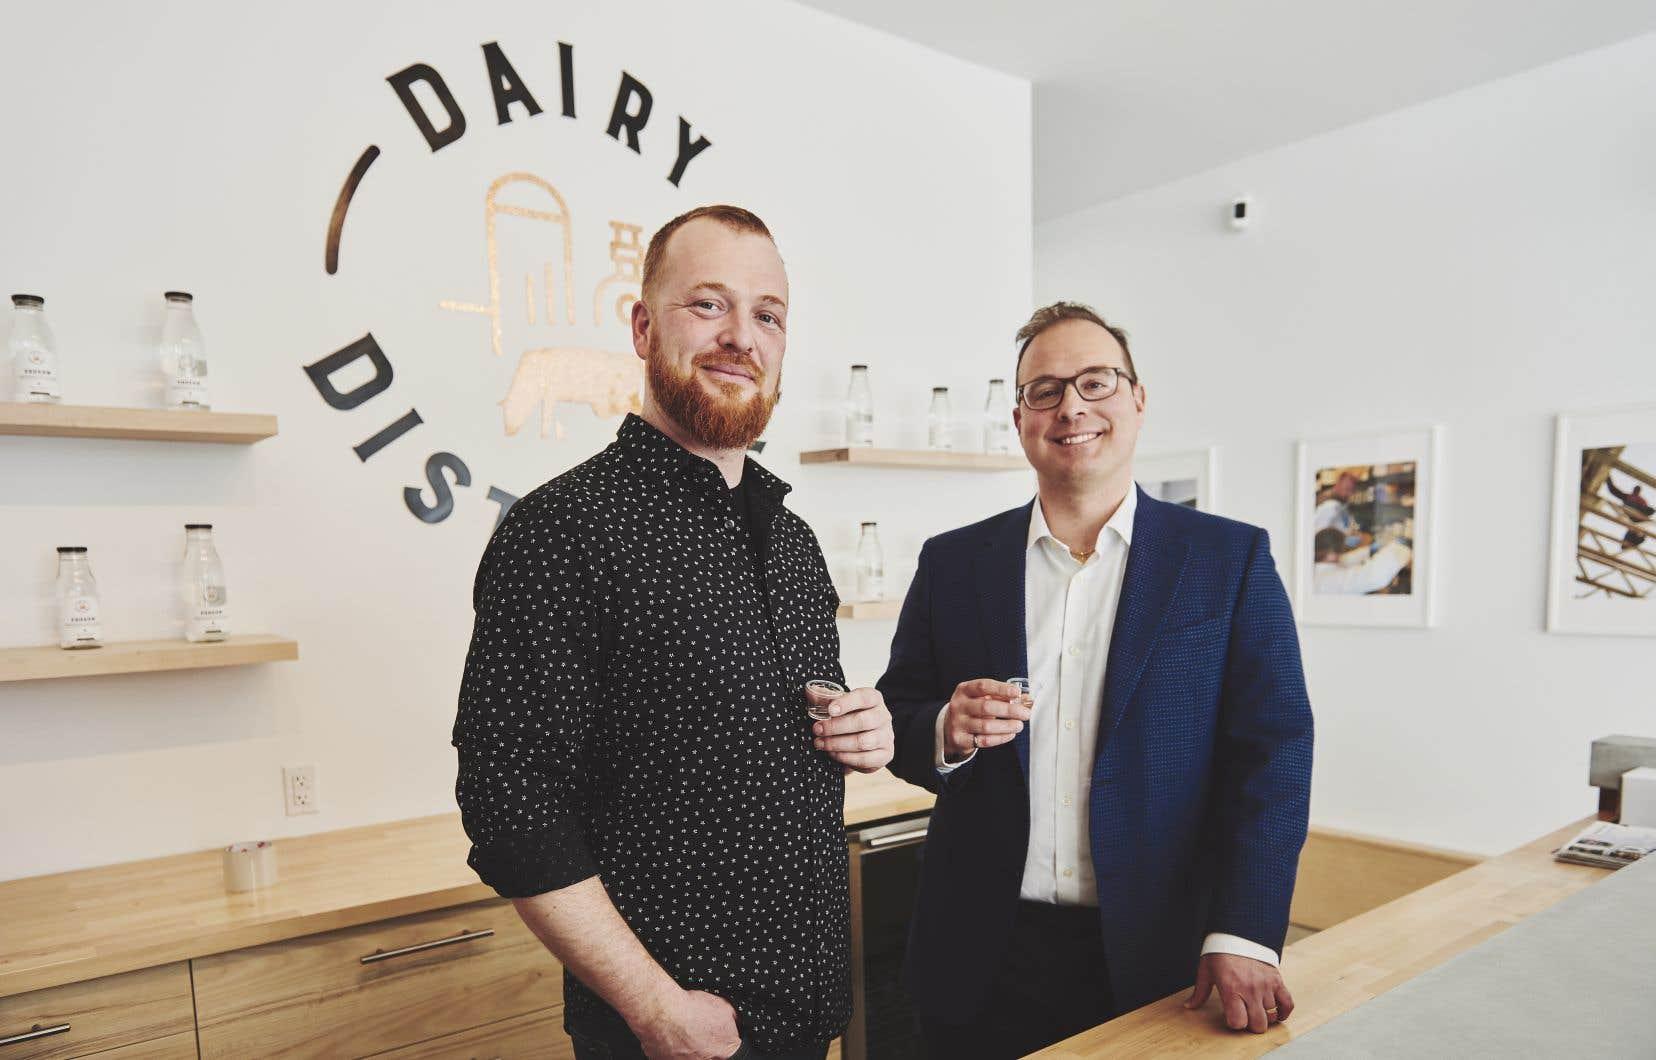 Neal McCarten, directeur des opérations, et Omid McDonald, propriétaire de Dairy  Distillery.  Ce dernier a appris que des milliards de litres de perméat de lait, un sous-produit concentré en lactose, étaient jetés aux poubelles. Il a développé une technologie capable de transformer le perméat en alcool.